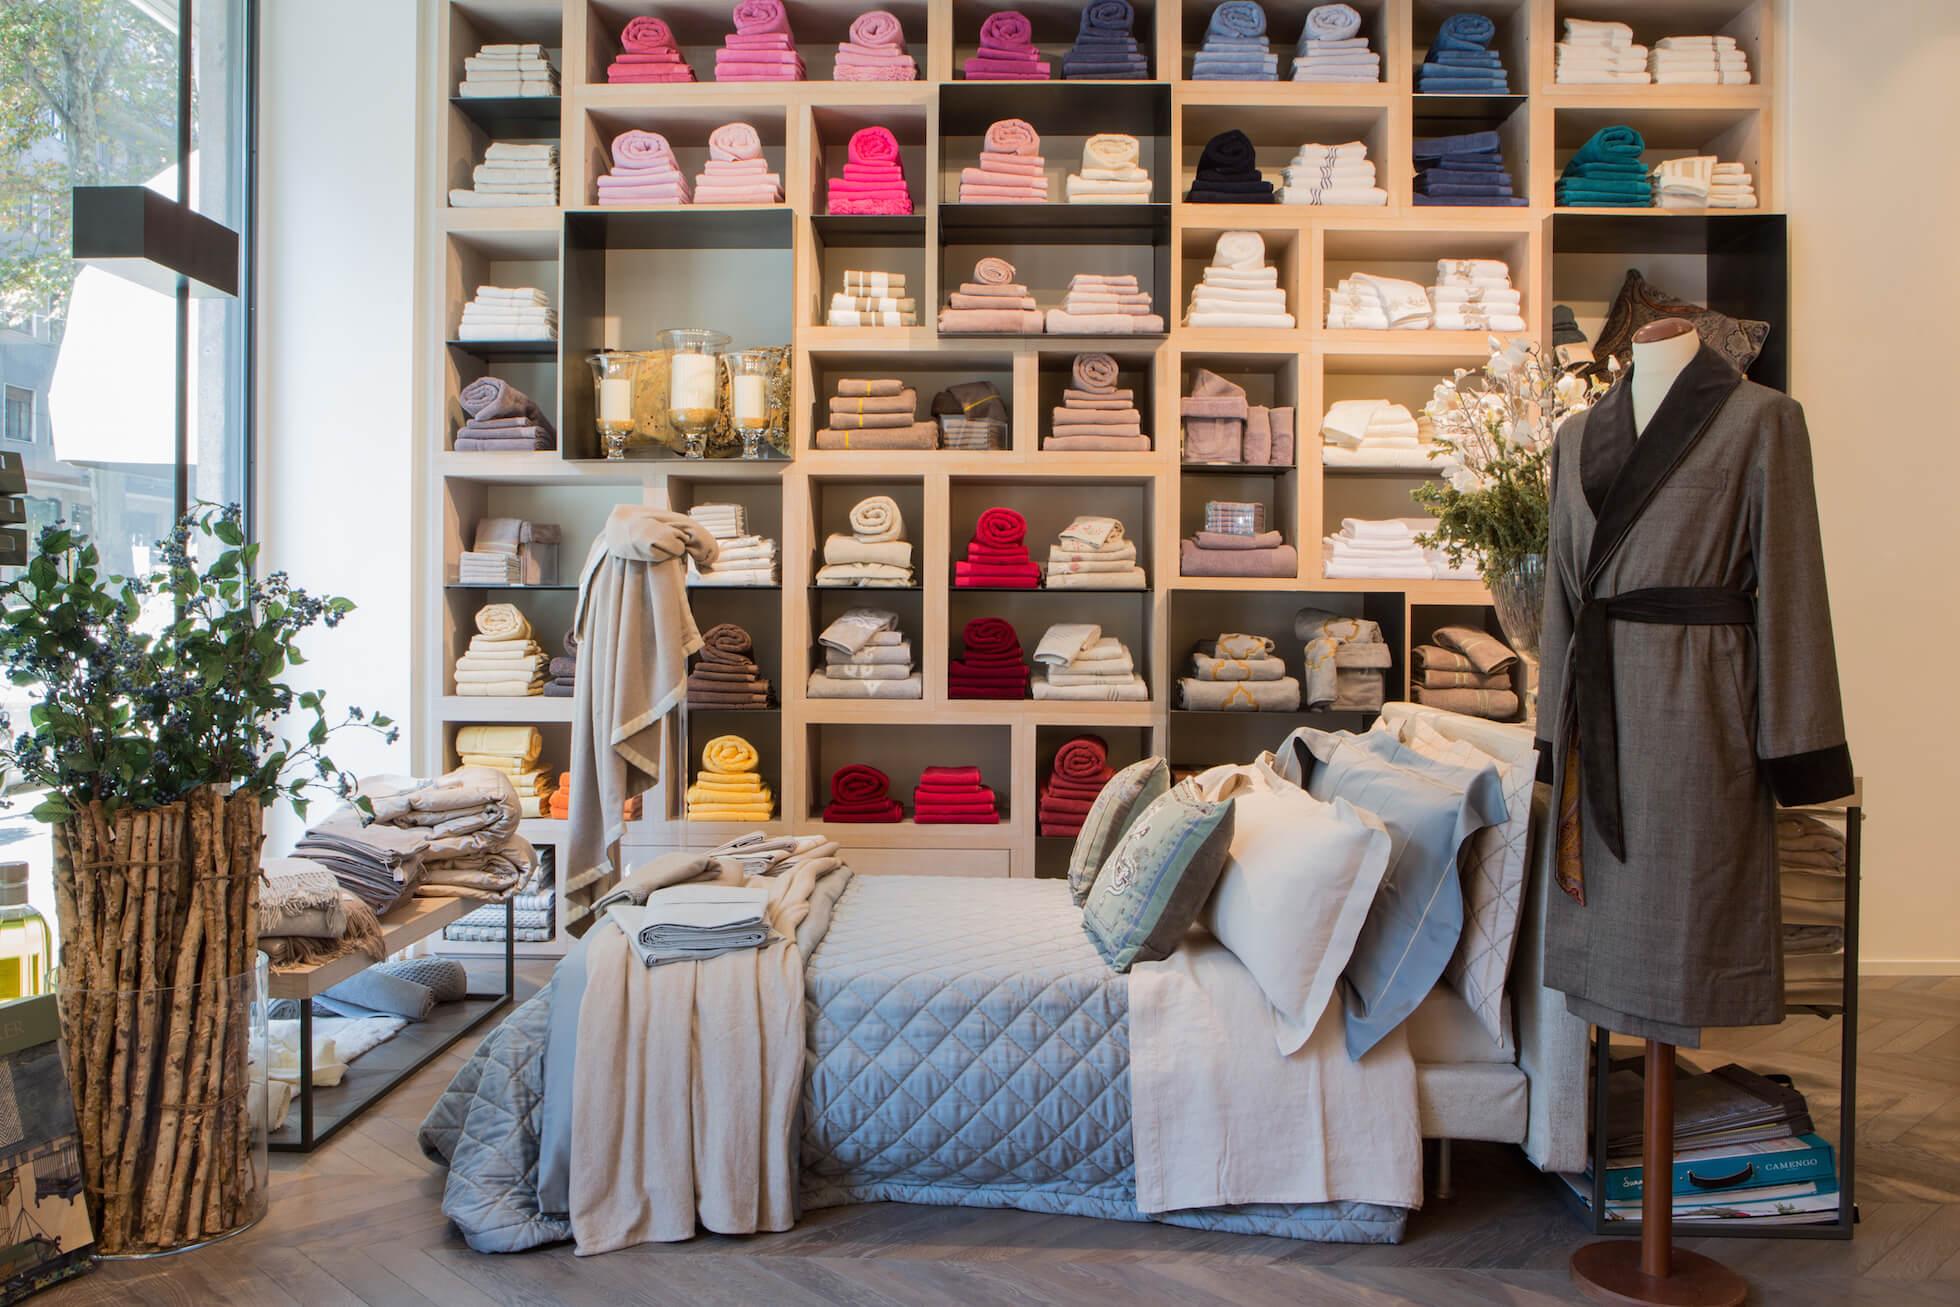 Negozi Per La Casa Milano angelini milano | vestiamo la casa di tessuti.